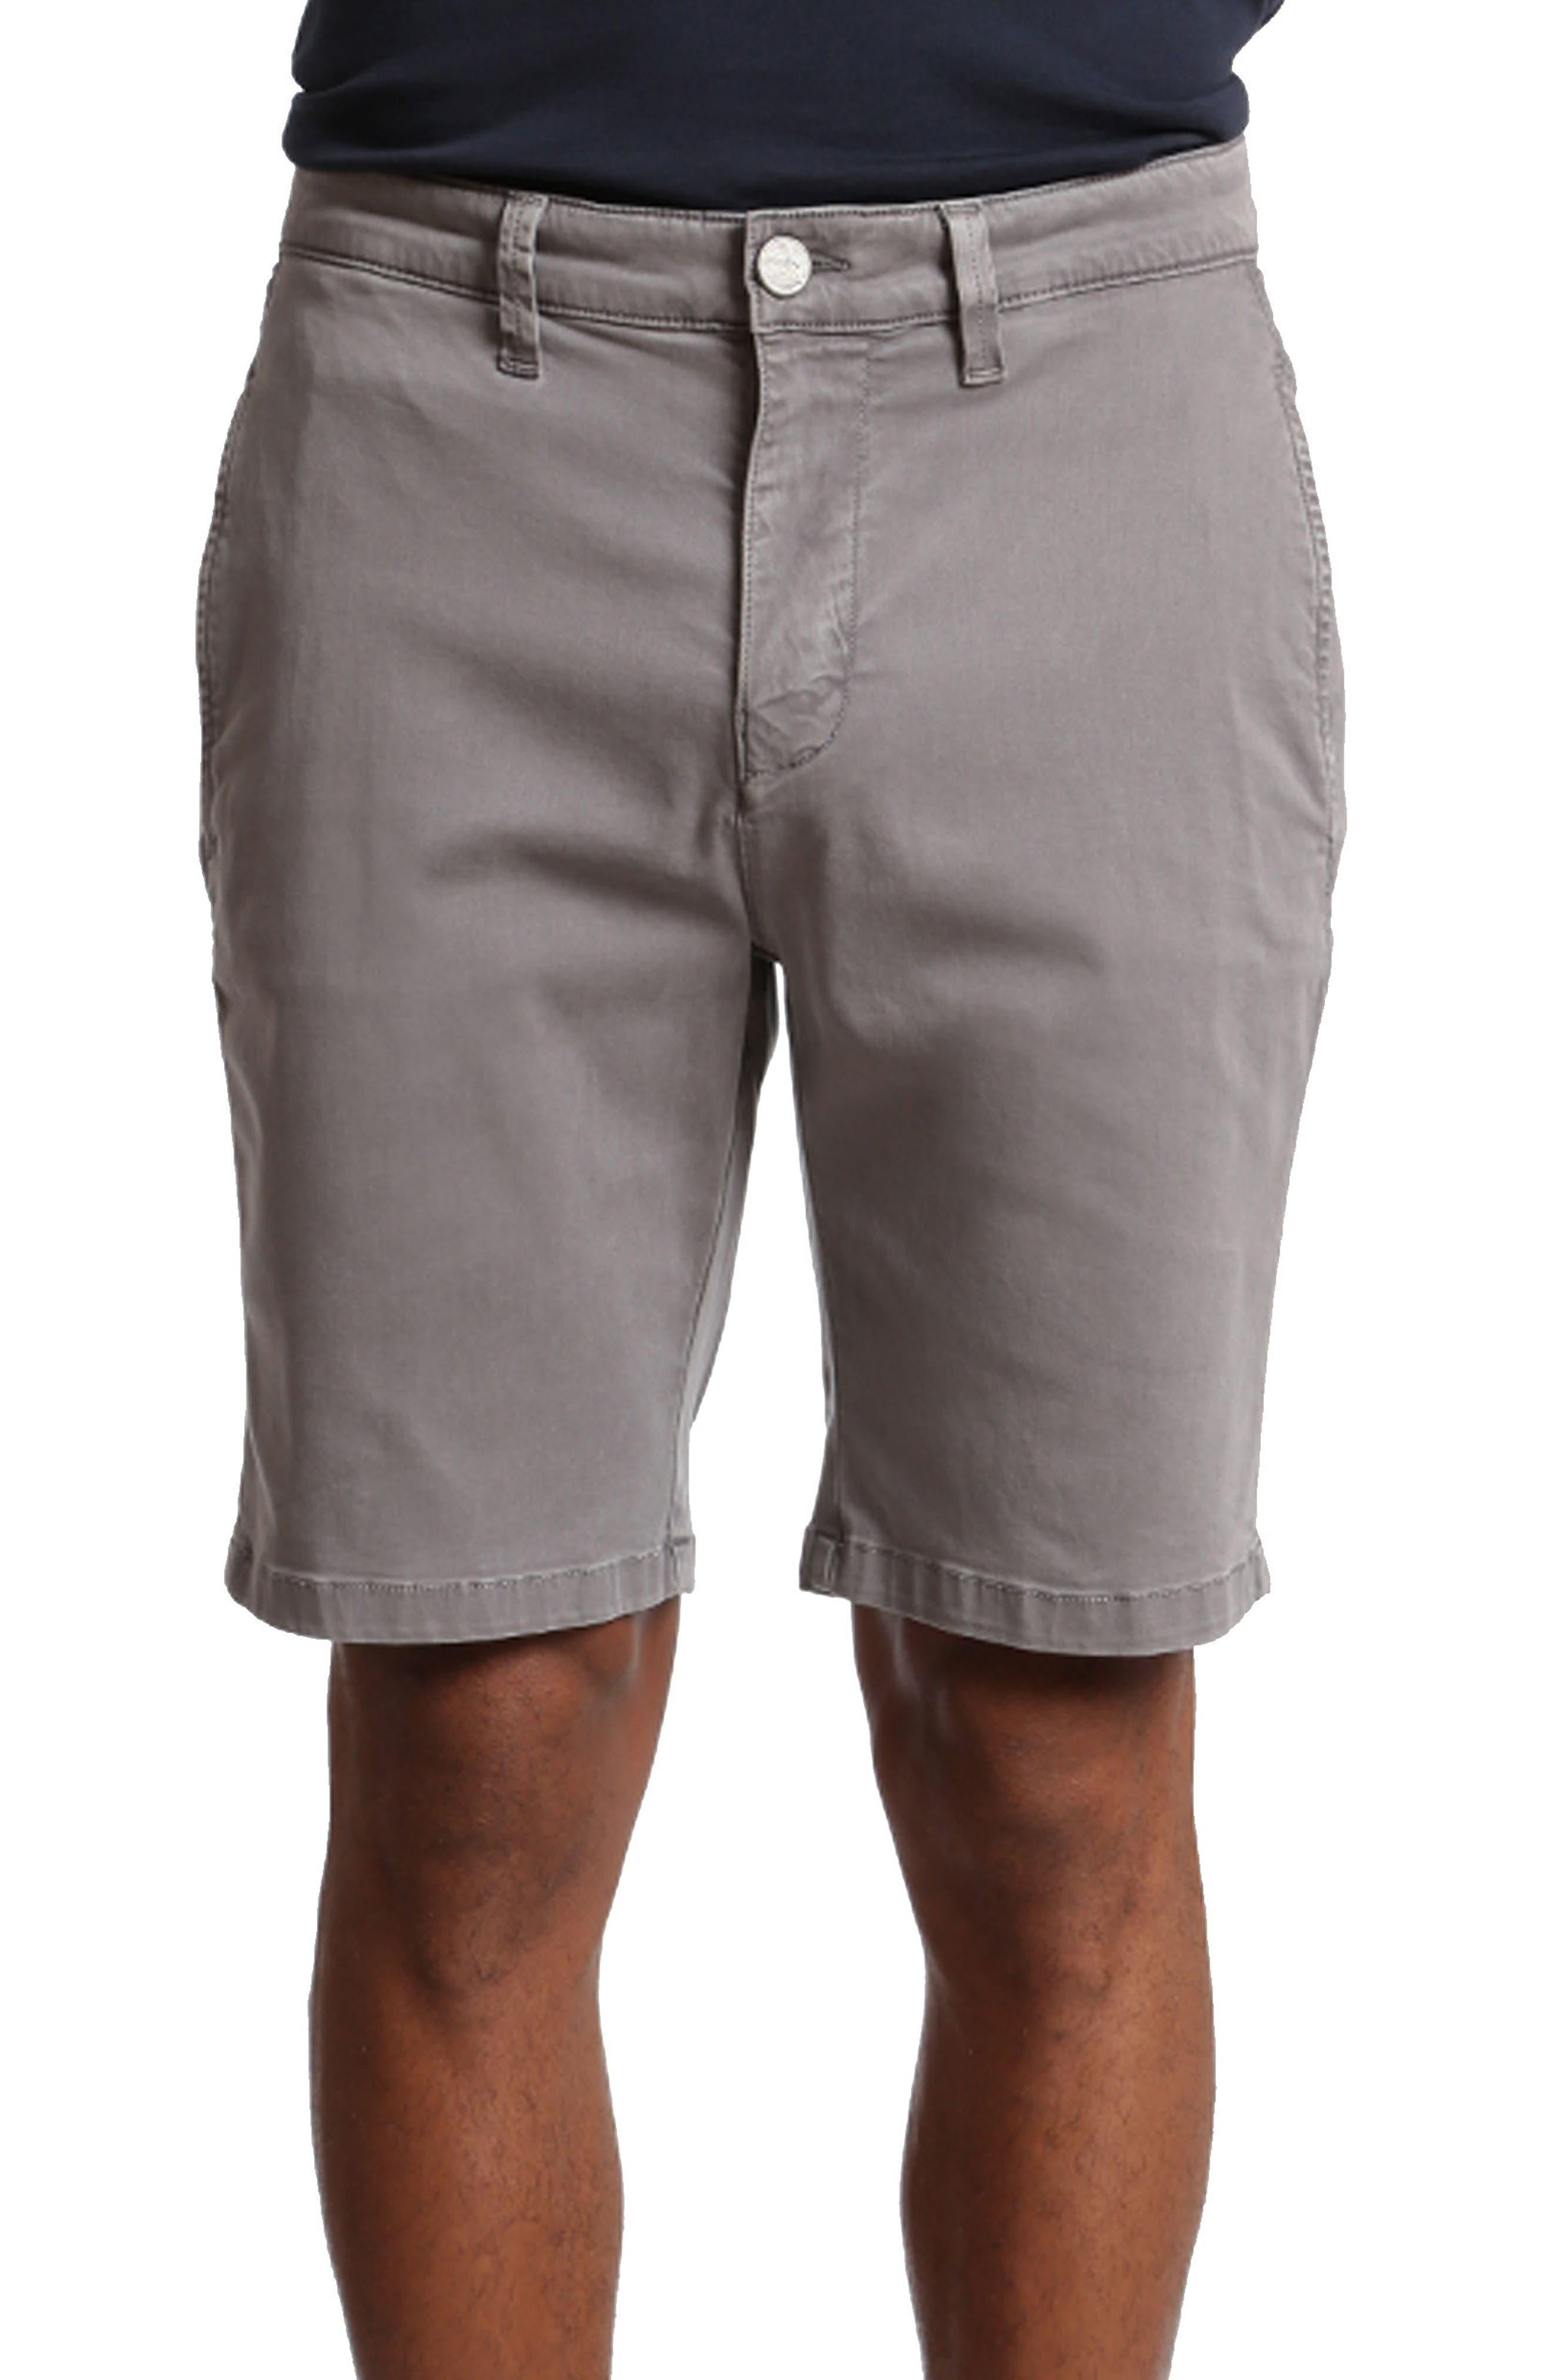 Nevada Twill Shorts,                             Main thumbnail 1, color,                             SHARK TWILL